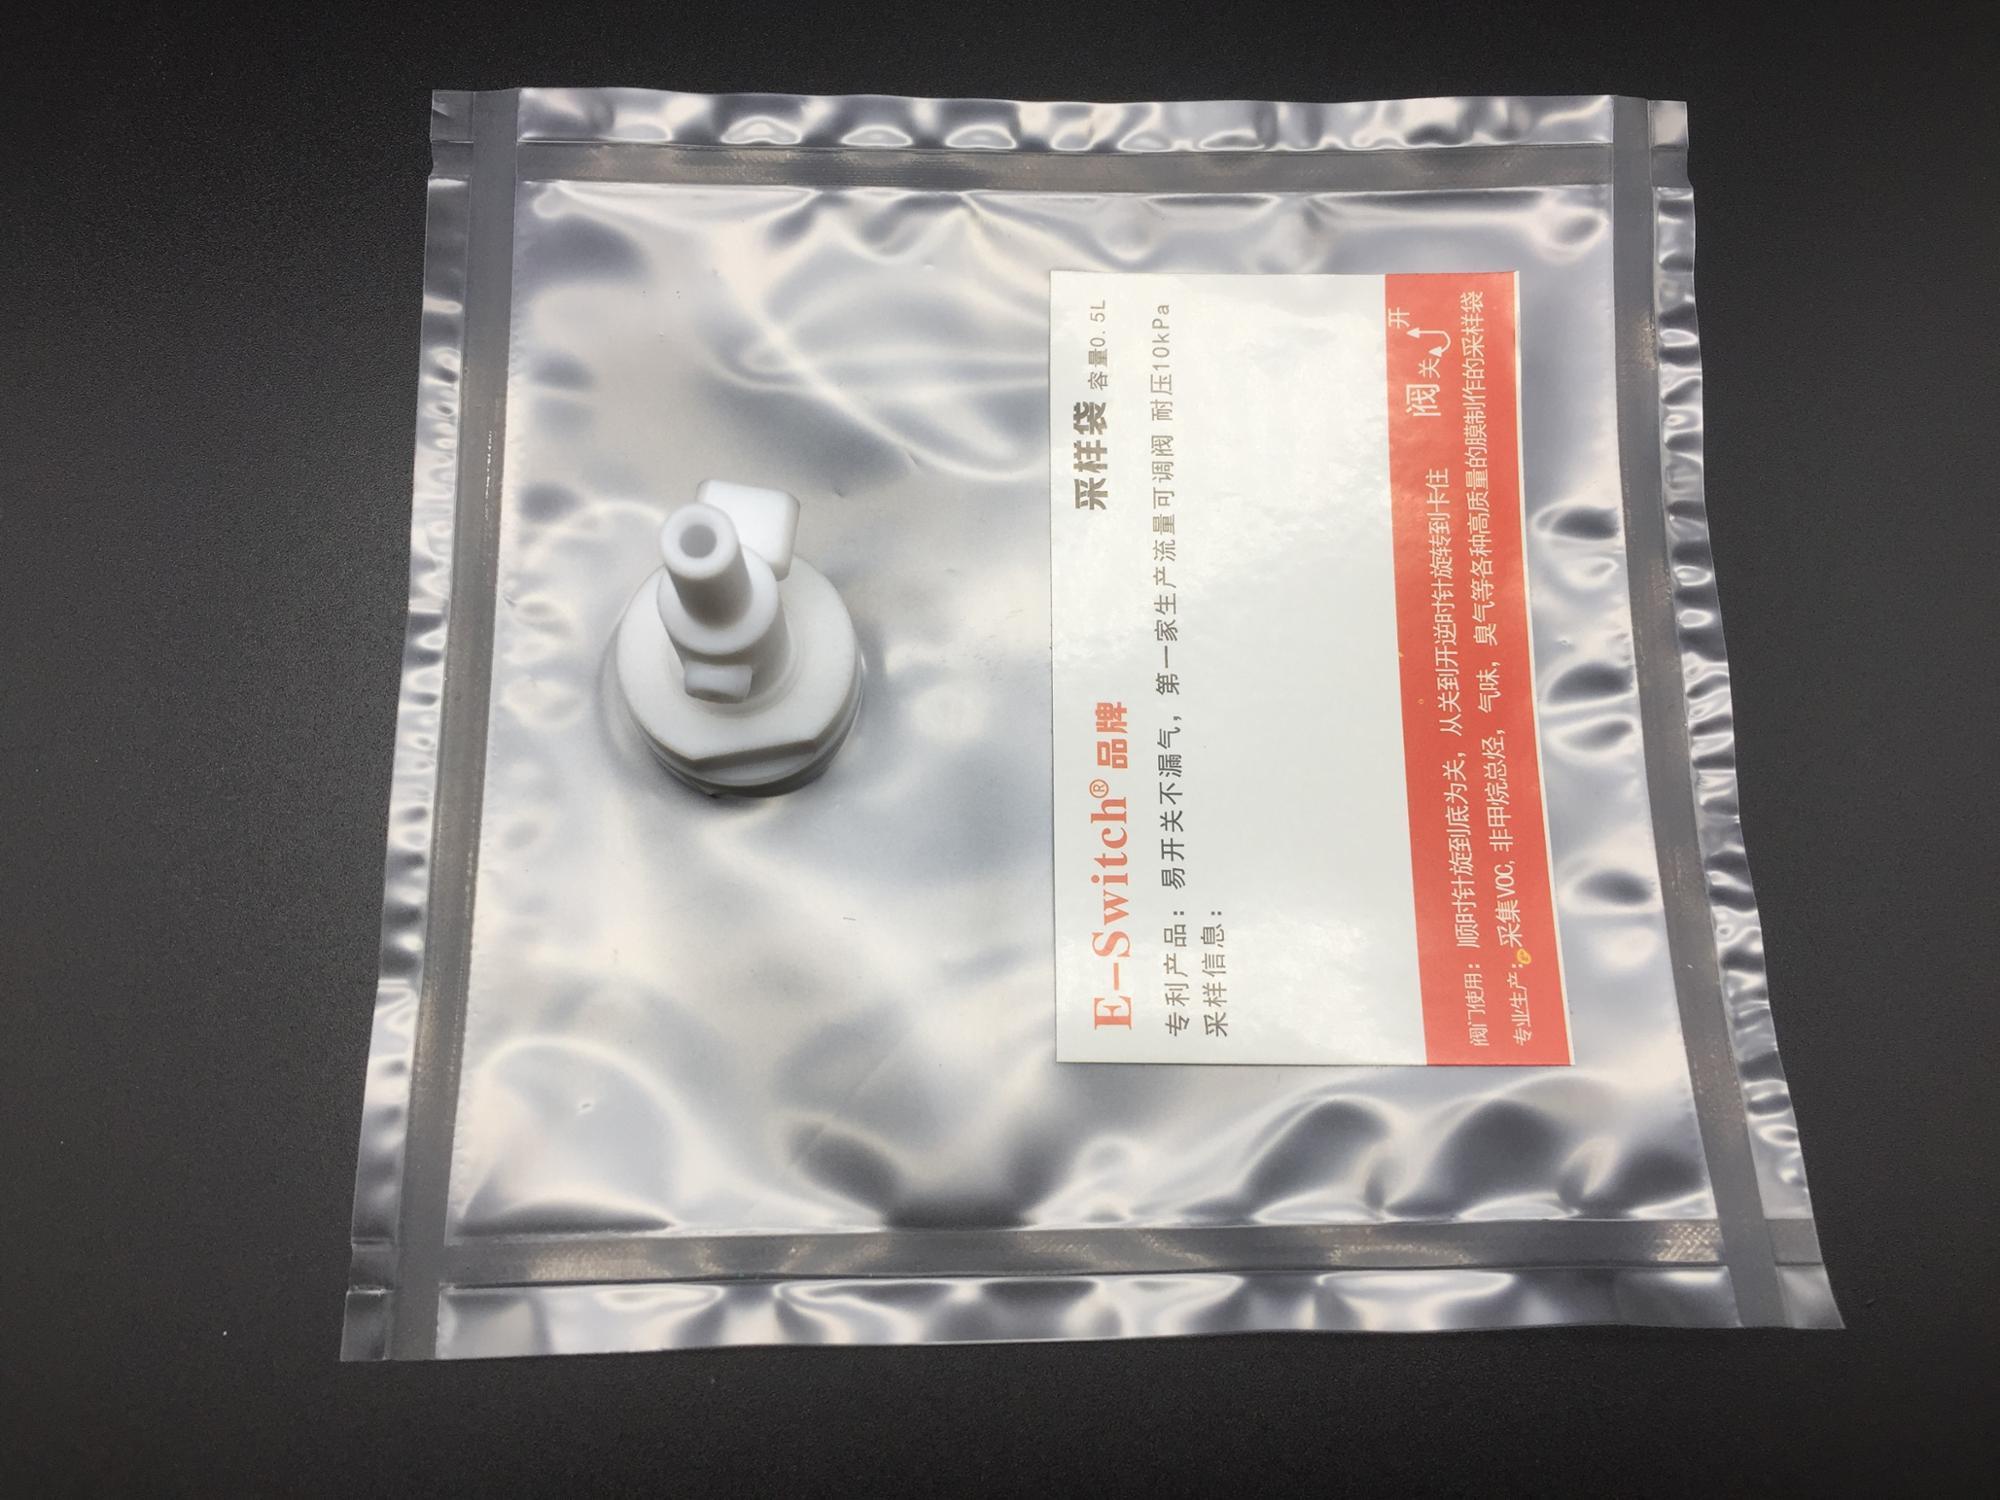 Tedlar gas sample bags pvf gas sampling bags 0.5L